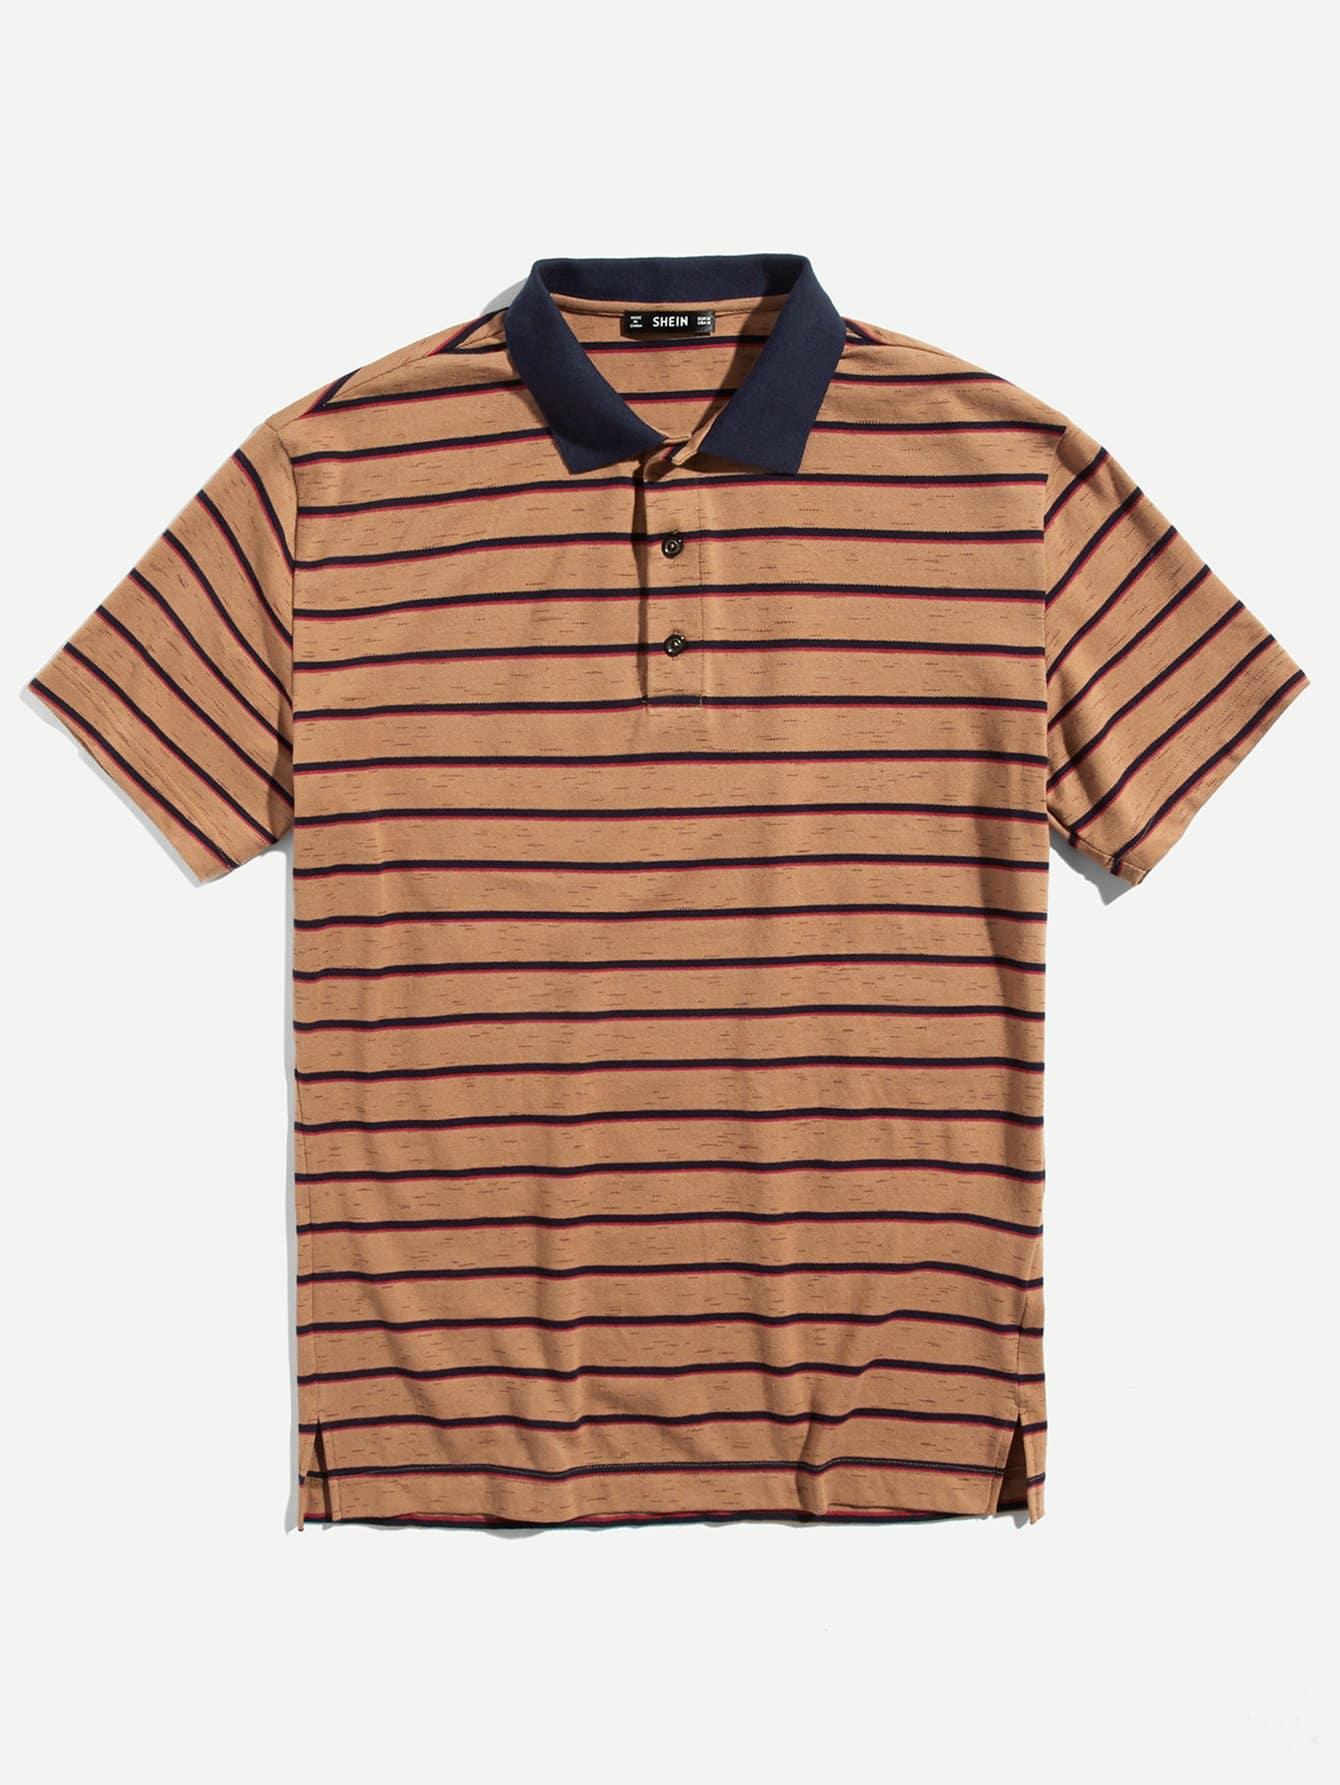 Купить Мужская полосатая рубашка-поло с контрастным воротником, null, SheIn